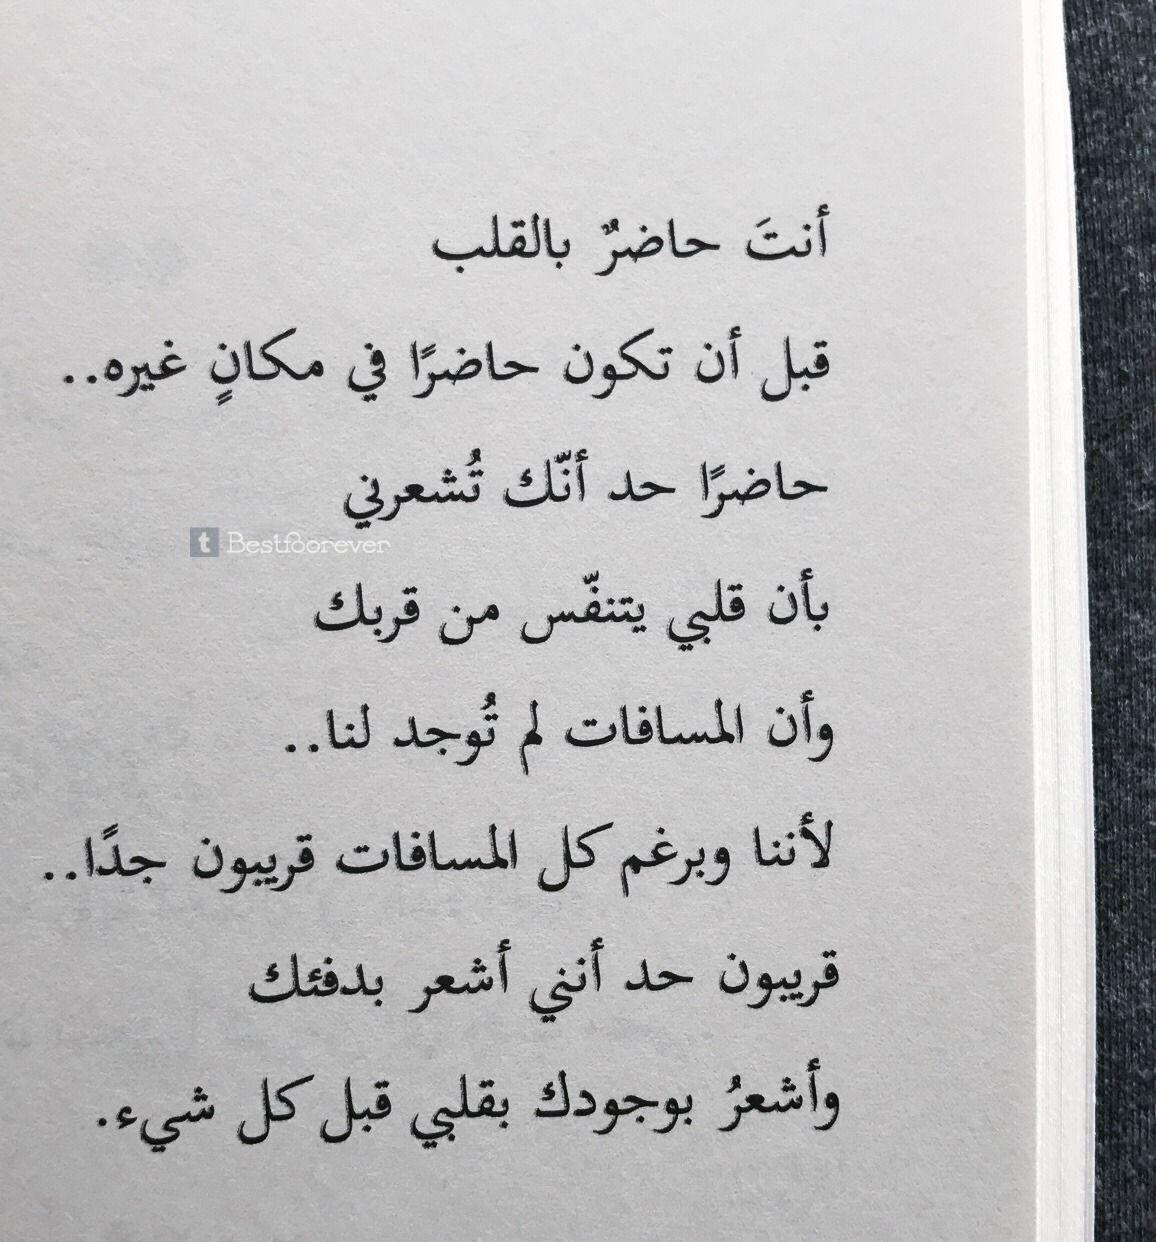 اقتباسات من تصويري قبيلة نساء خالد الزايدي Calligraphy Quotes Love Sweet Love Quotes Love Smile Quotes